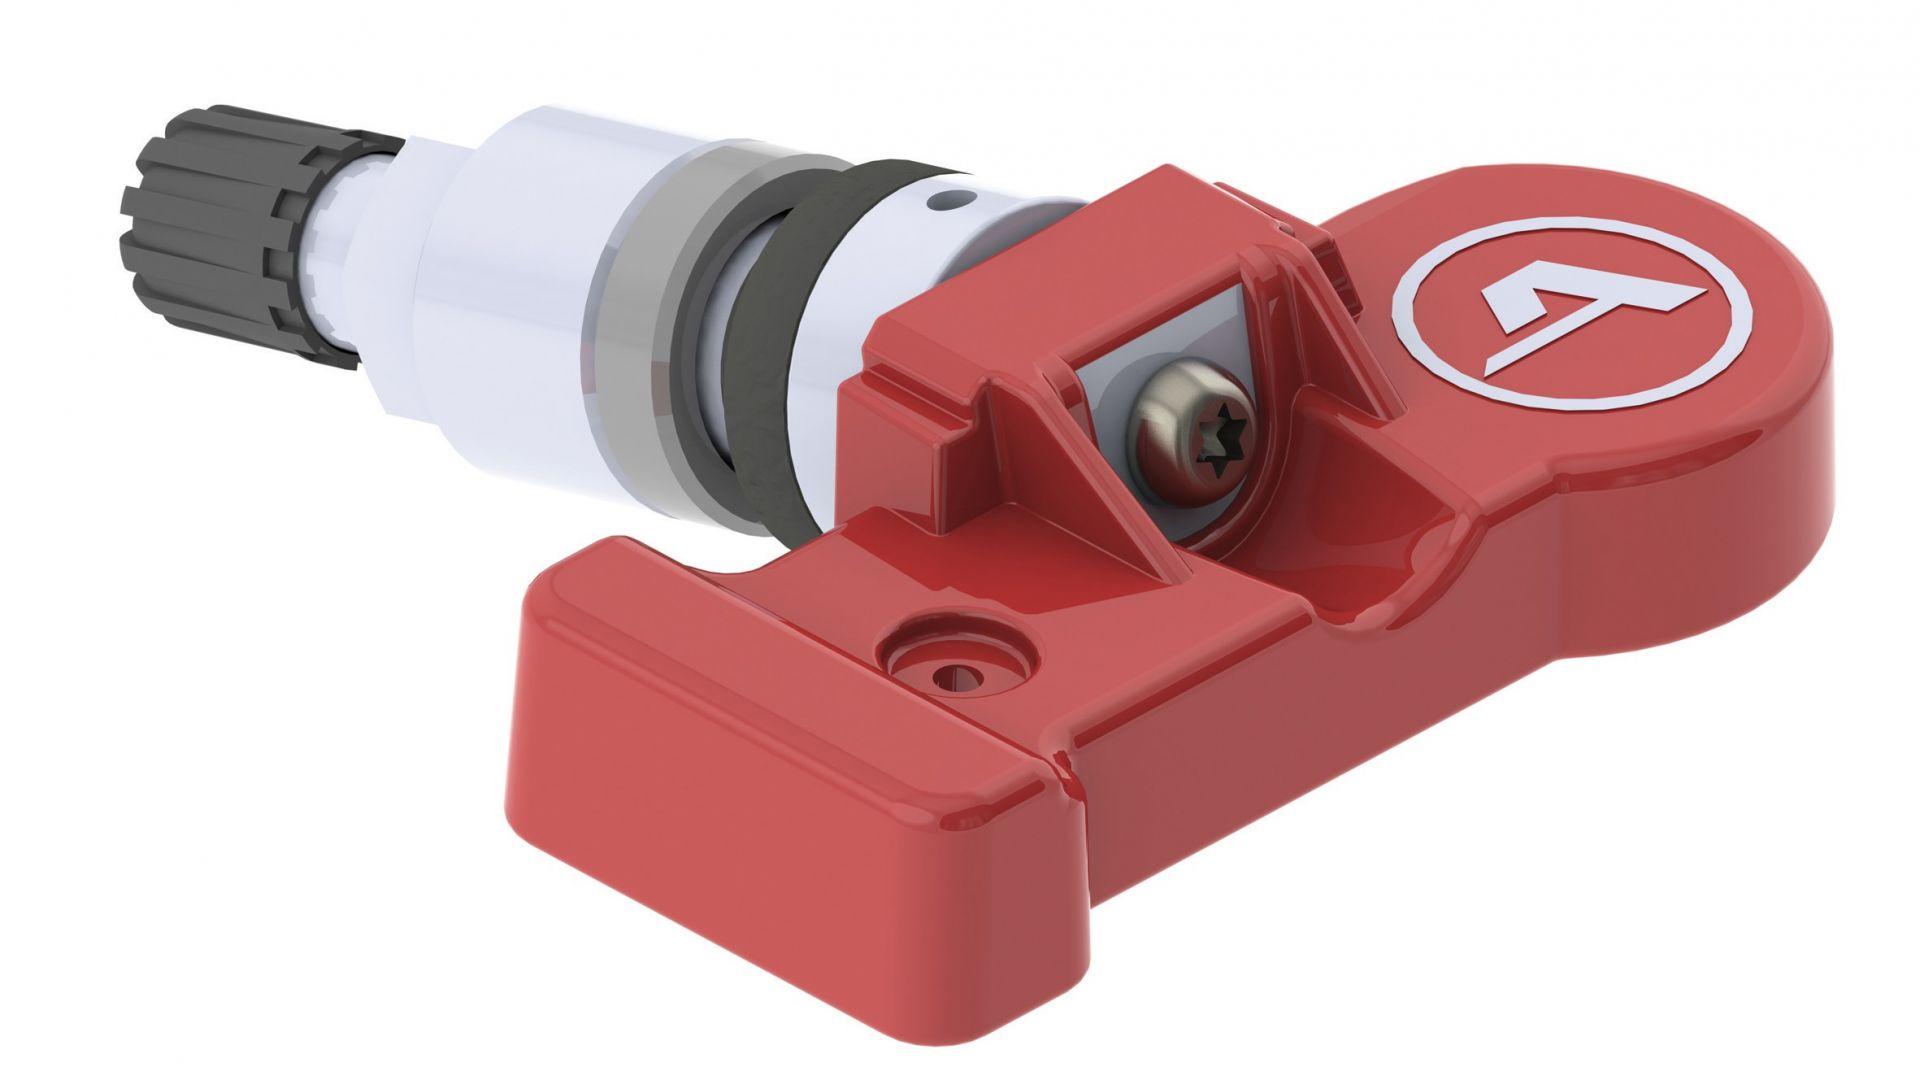 tyresure T-PRO Pressione Dei Pneumatici Valvola per Vauxhall Insignia 11-14 1 Sensore TPMS